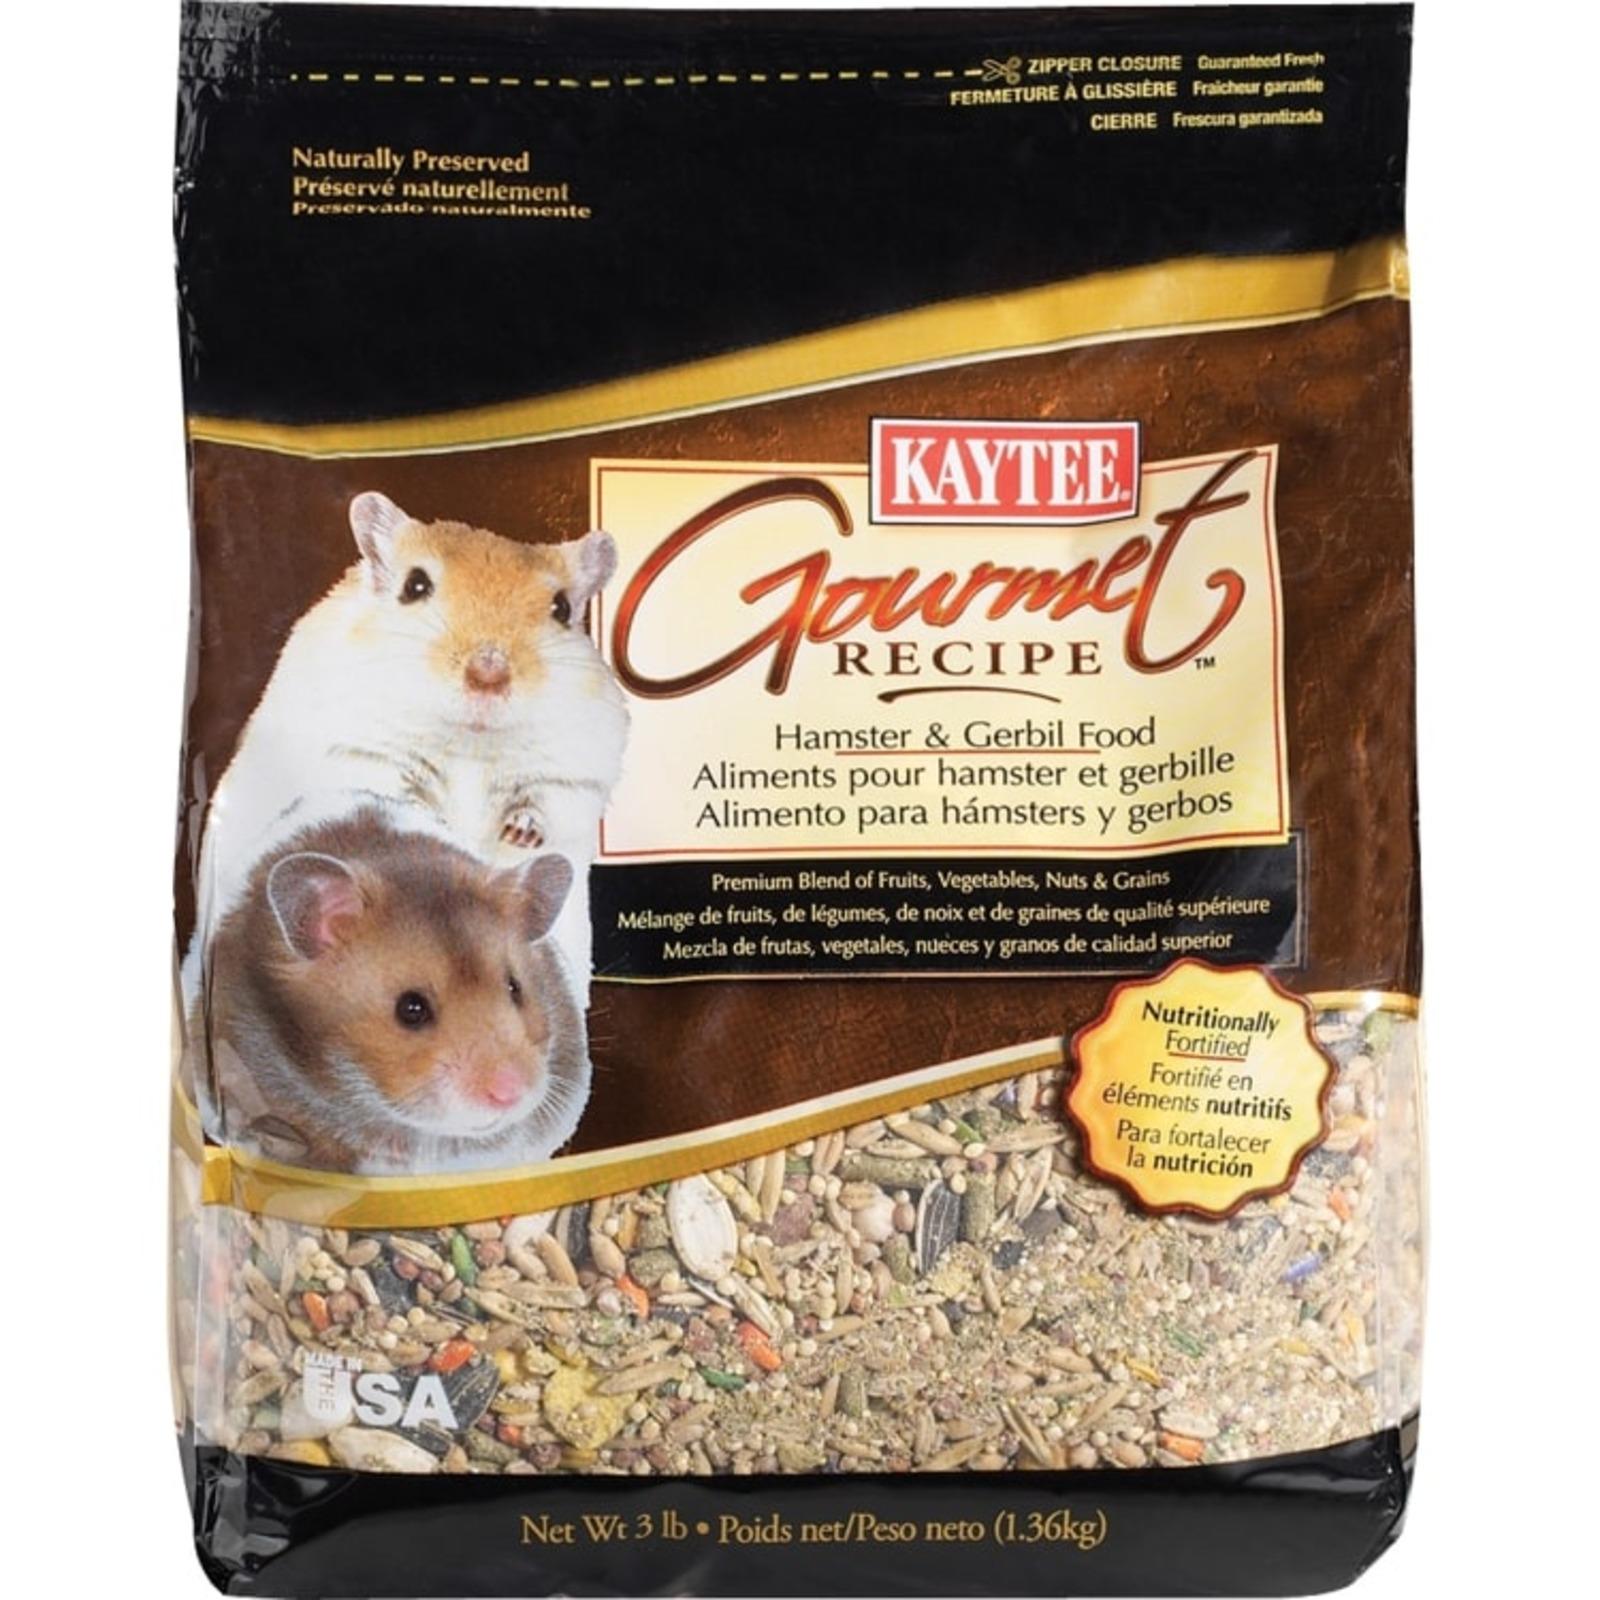 Kaytee Gourmet Hamster